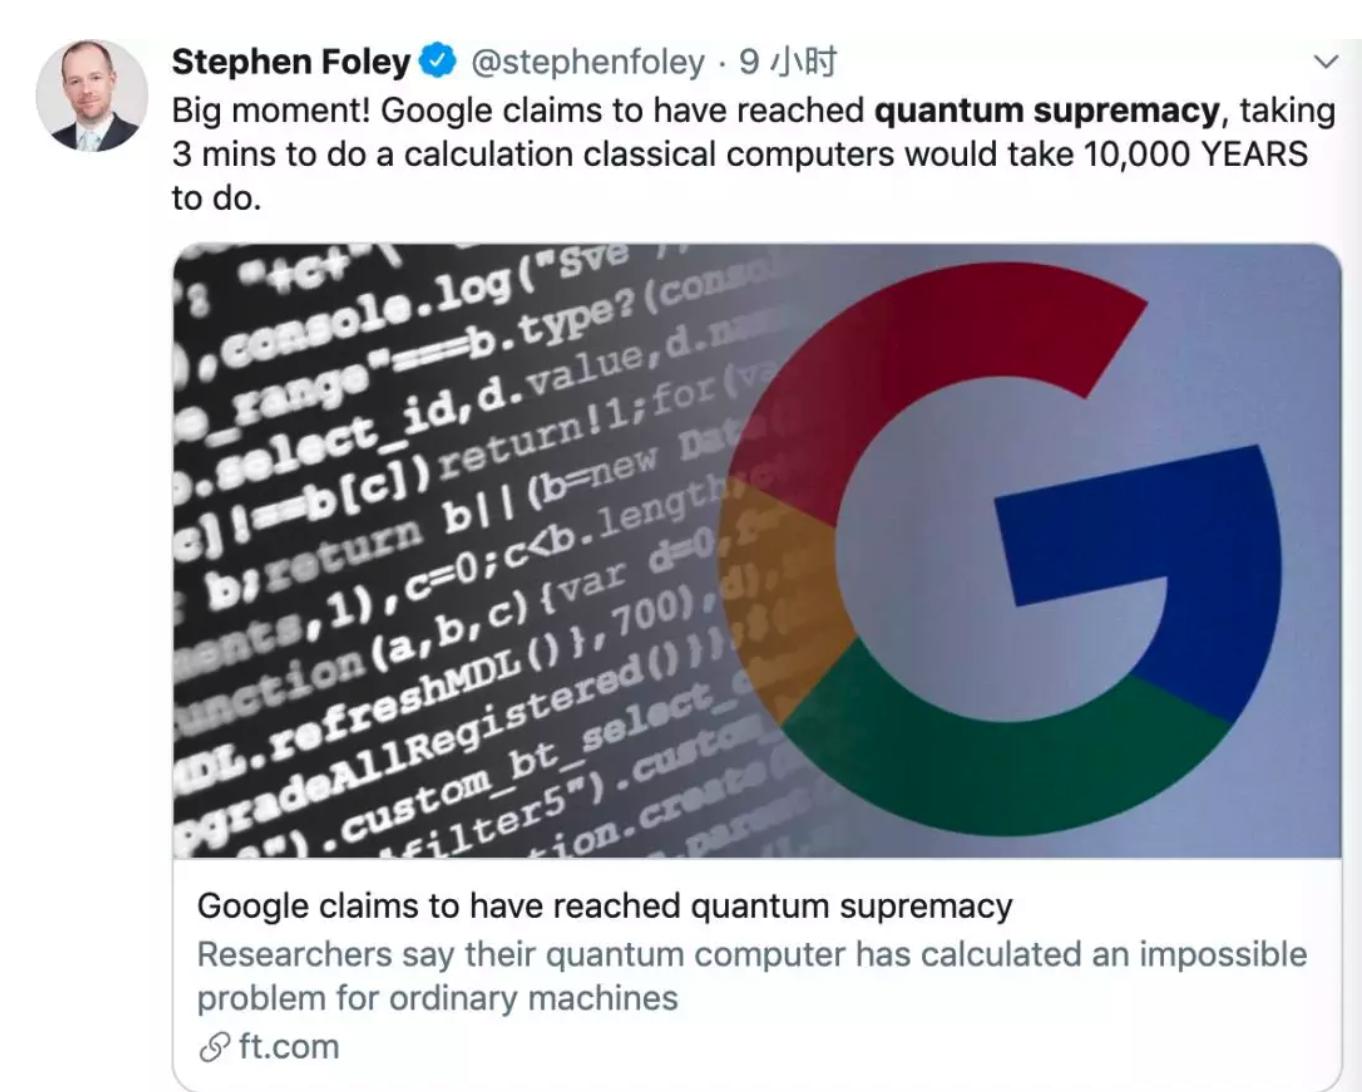 「现在什么游戏赚钱」IIWeekly  《金融时报》:谷歌已实现量子霸权; GitLab 获近3 亿美元新融资,DevOps 成新焦点